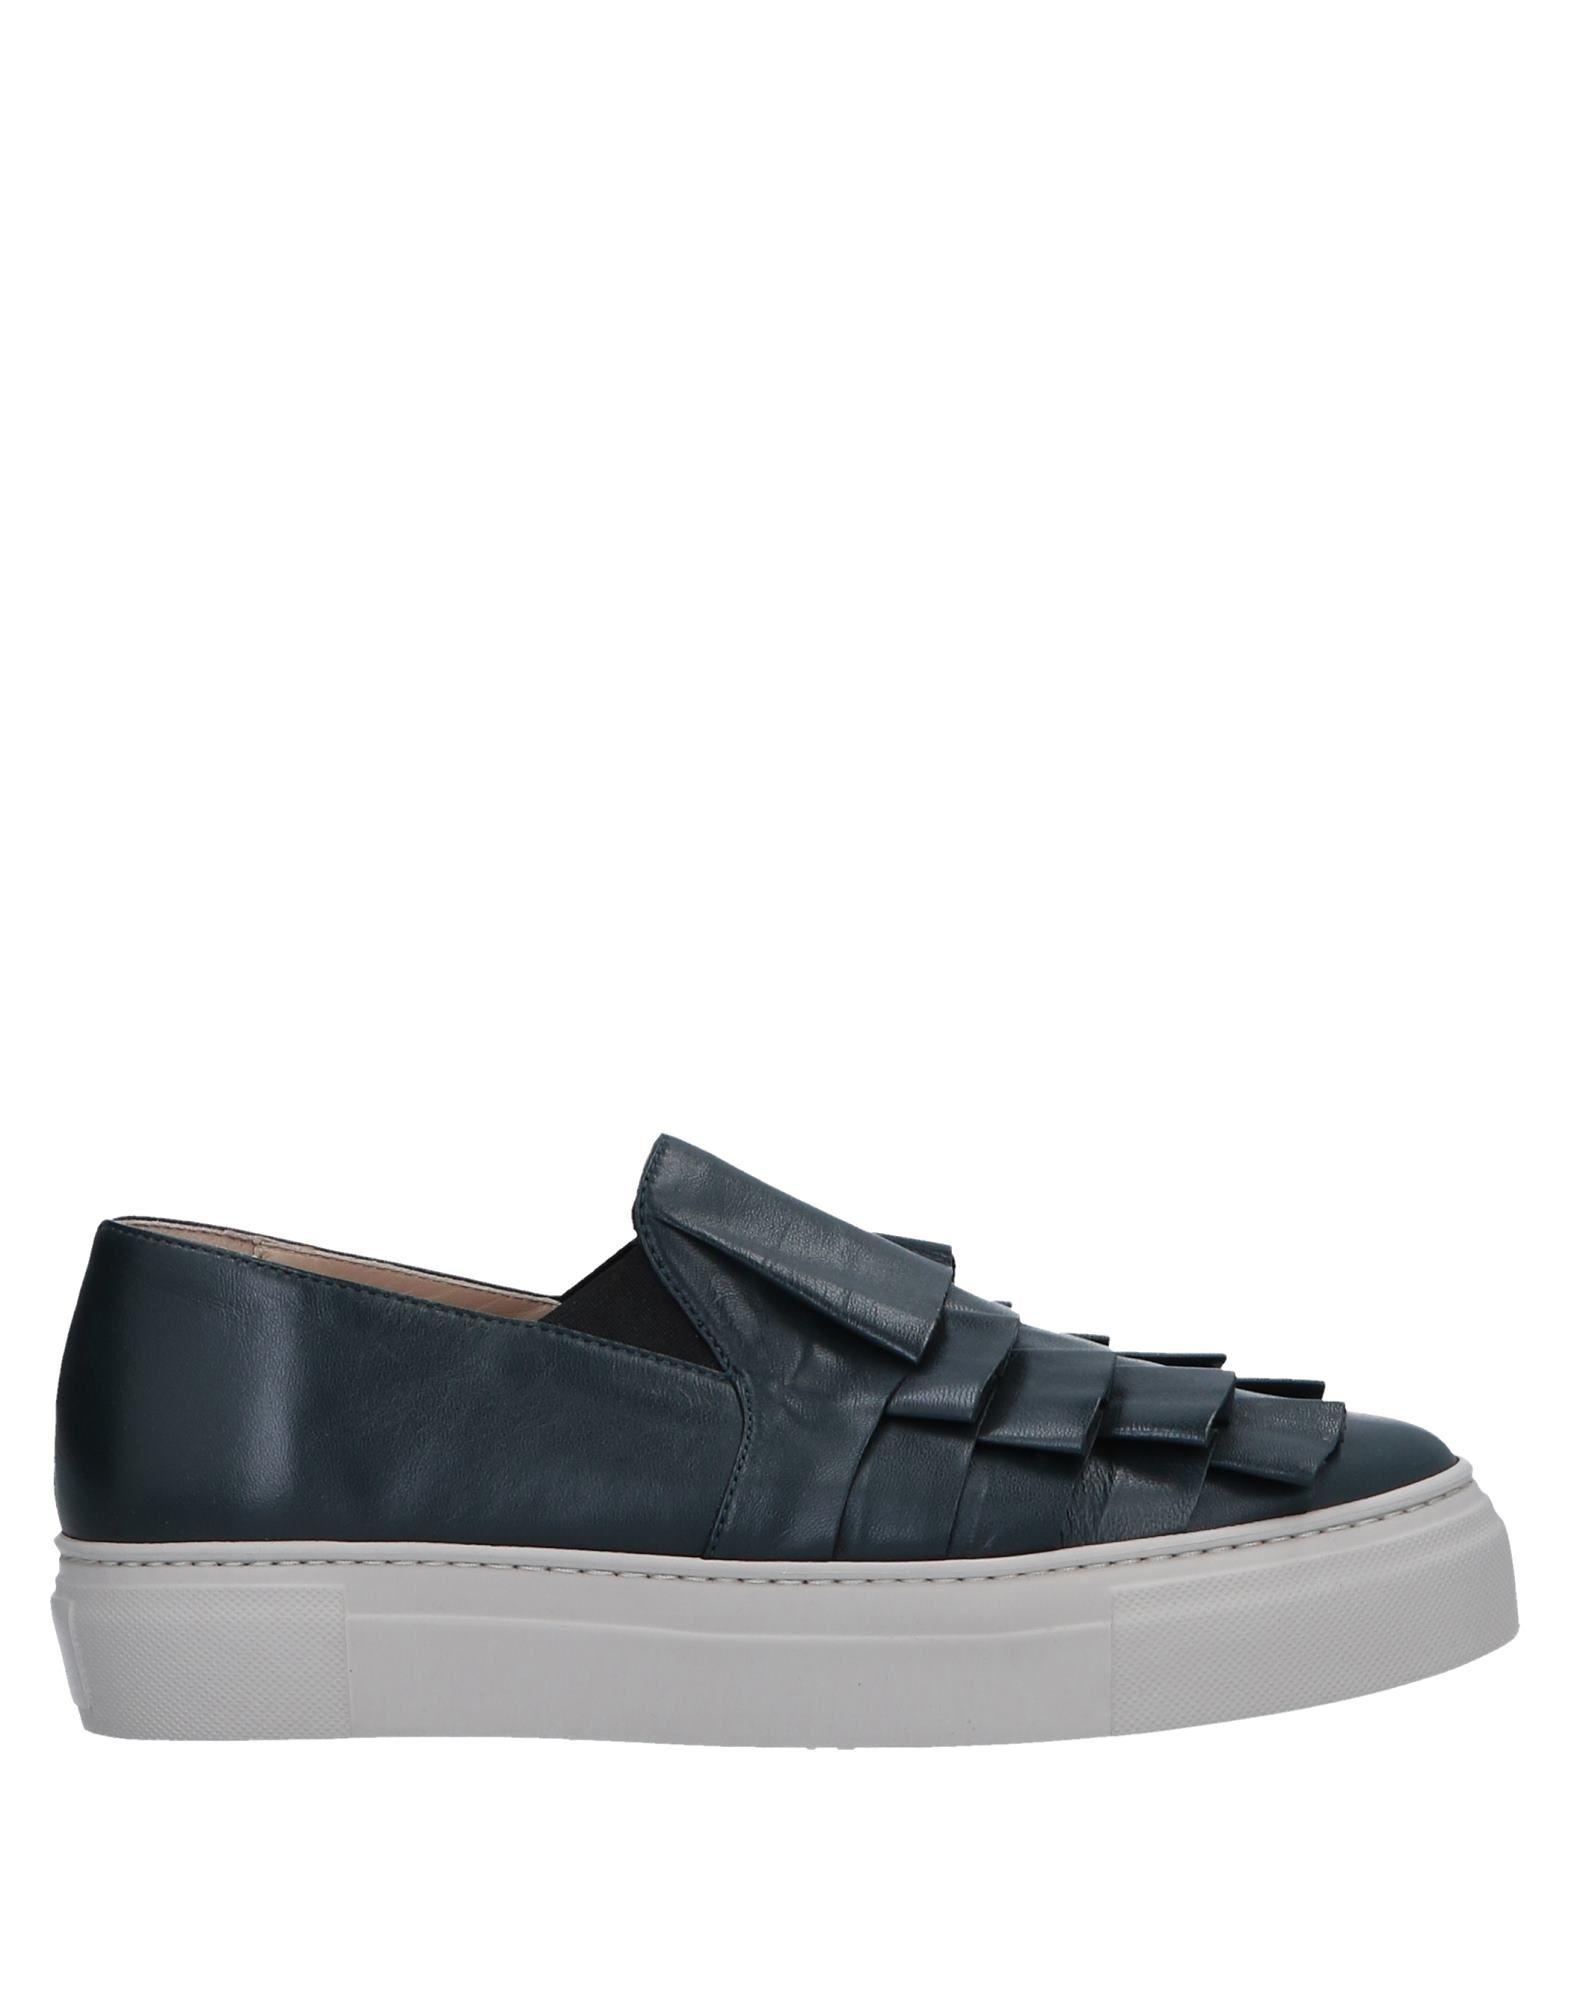 Michael Dass Sneakers Damen  11511840NT Gute Qualität beliebte Schuhe